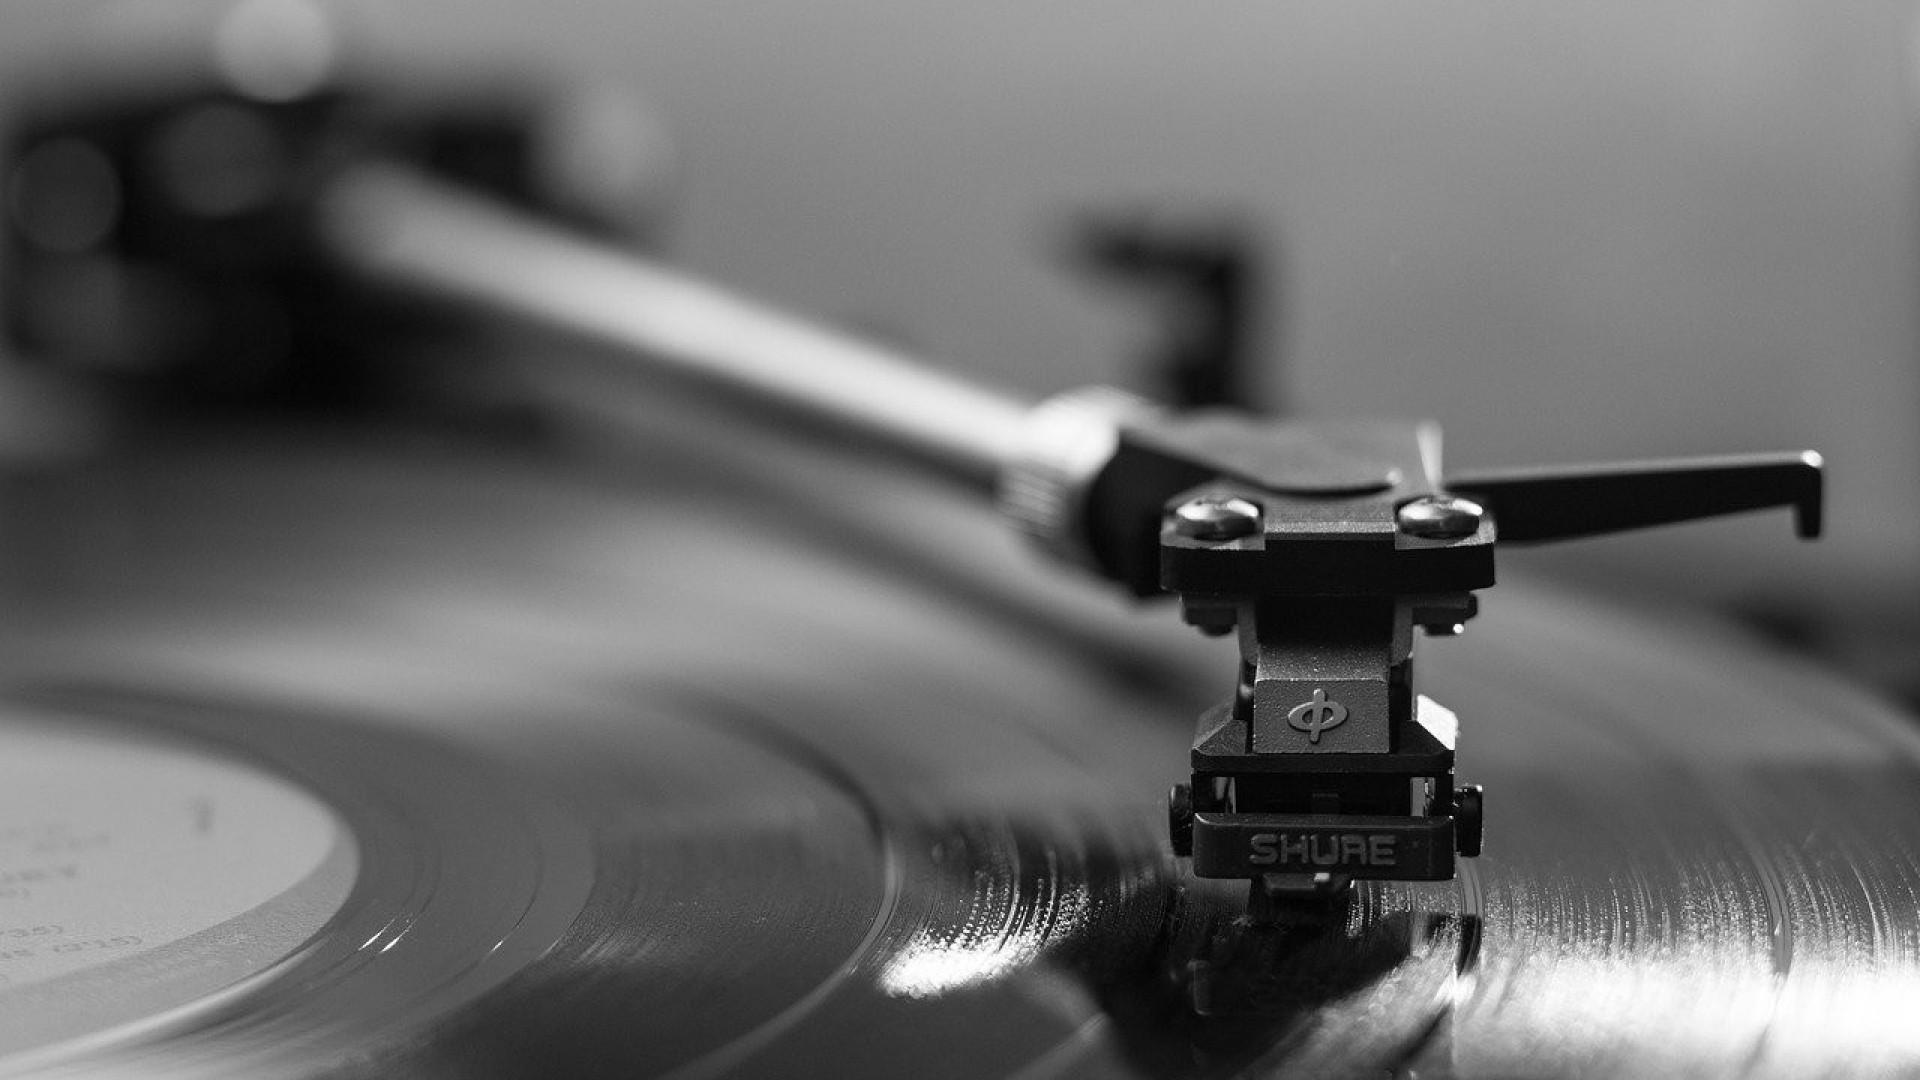 Découvrir de nouveaux artistes grâce à un abonnement pour les vinyles